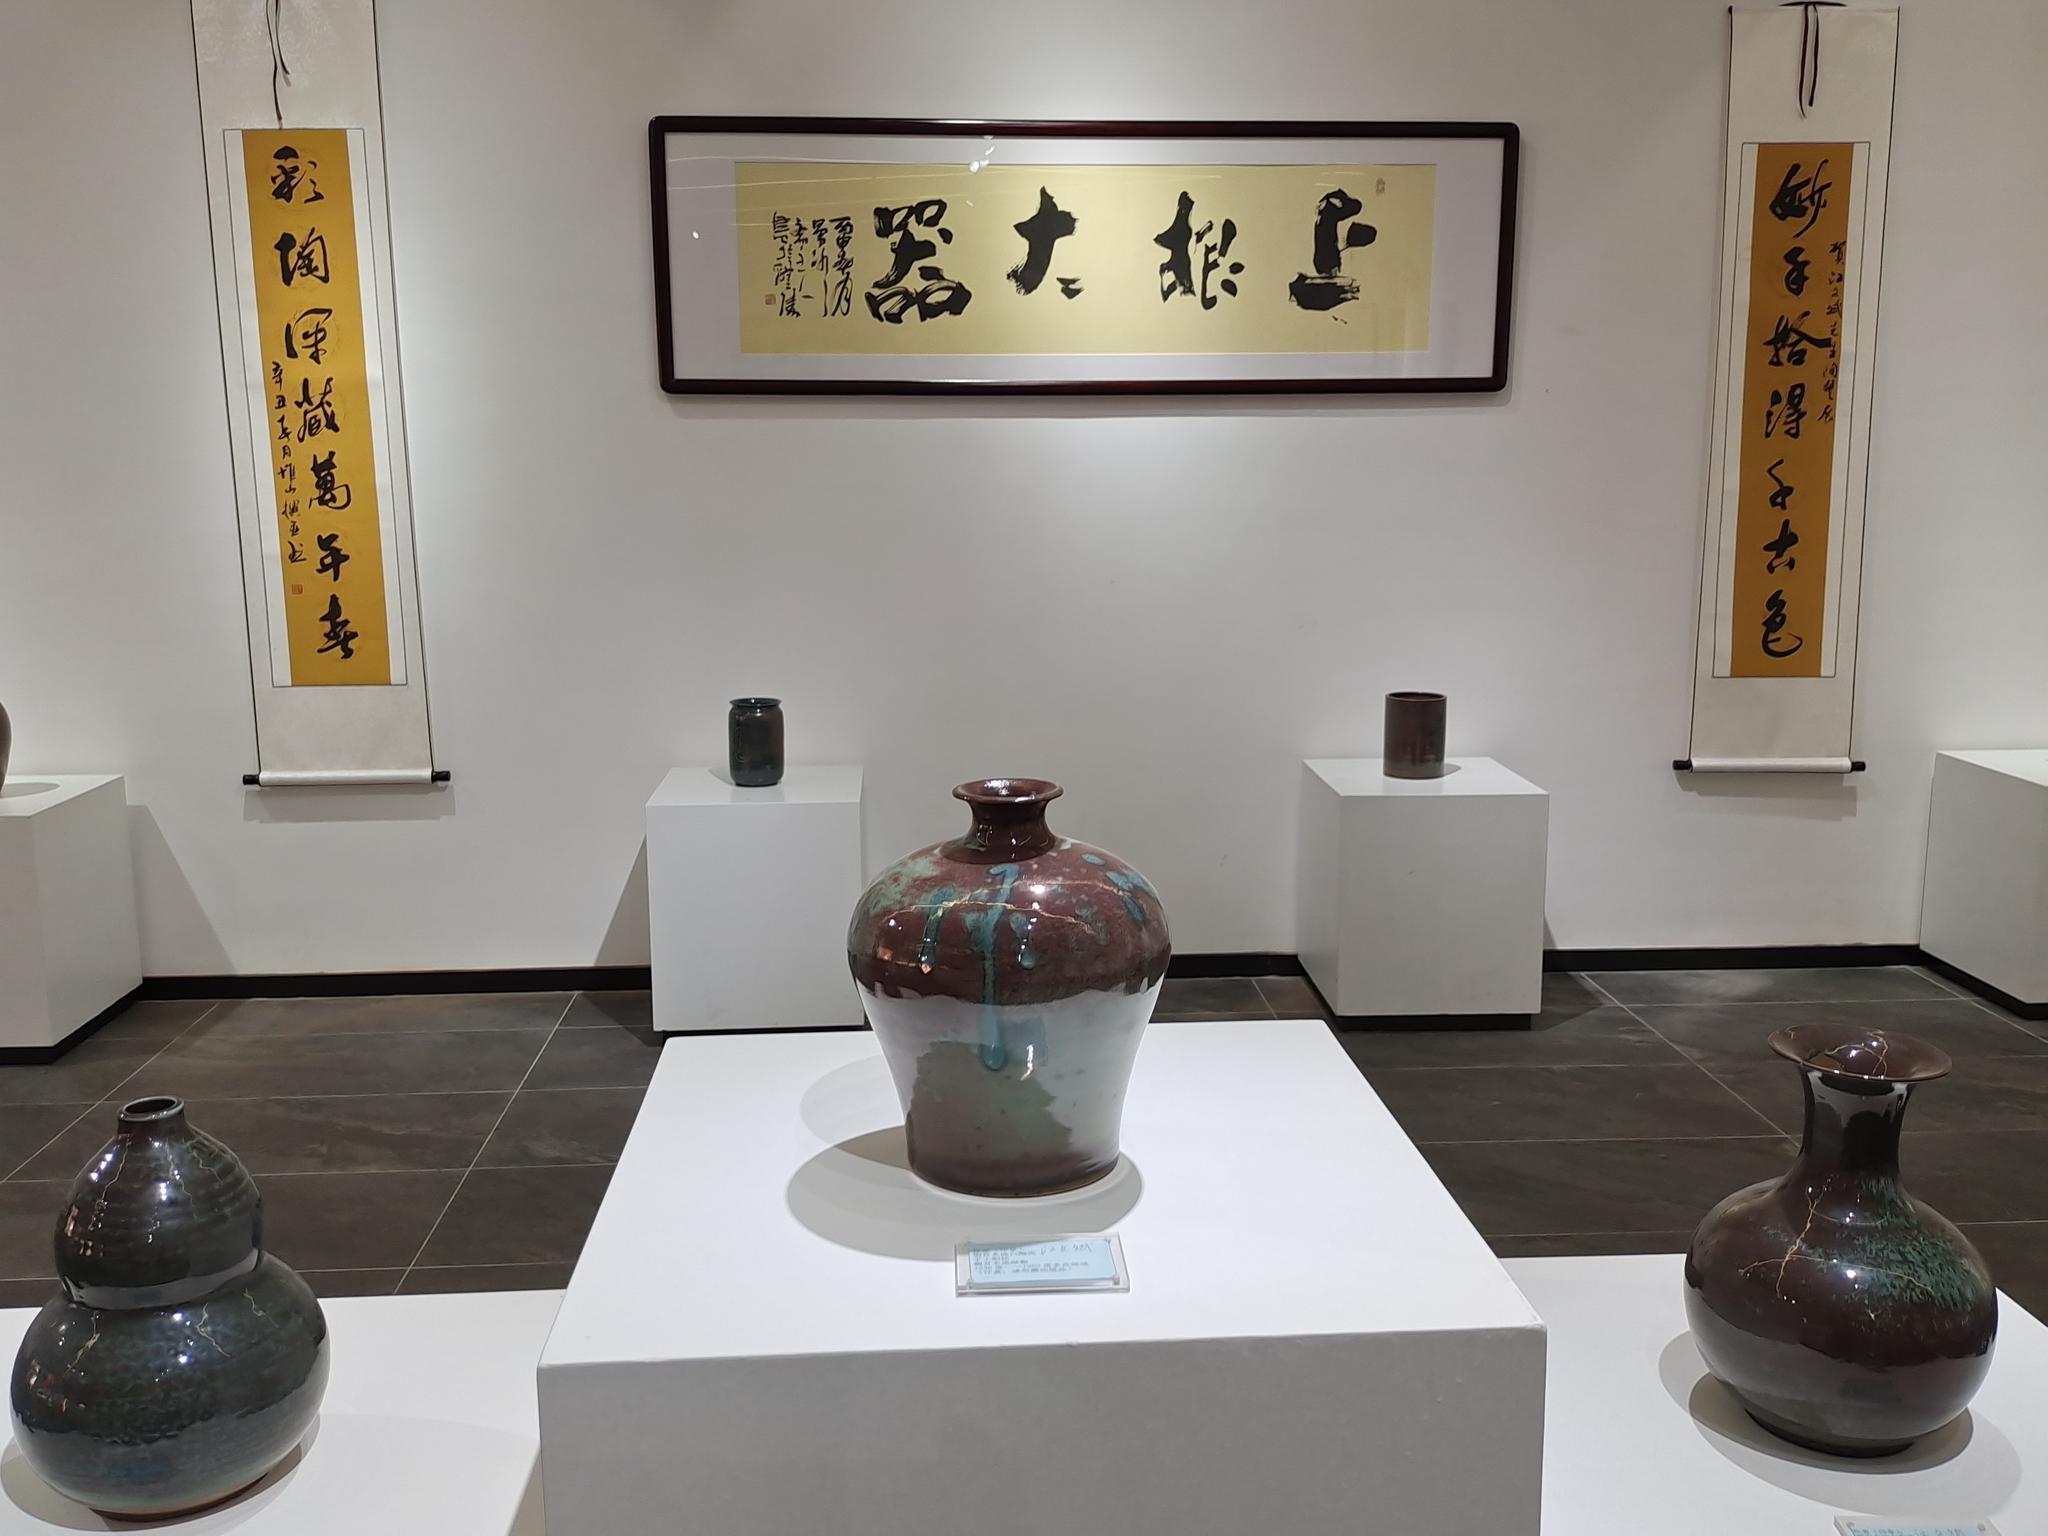 展出百件铜红釉瓷器  江文斌作品展再现长沙窑绝世之珍